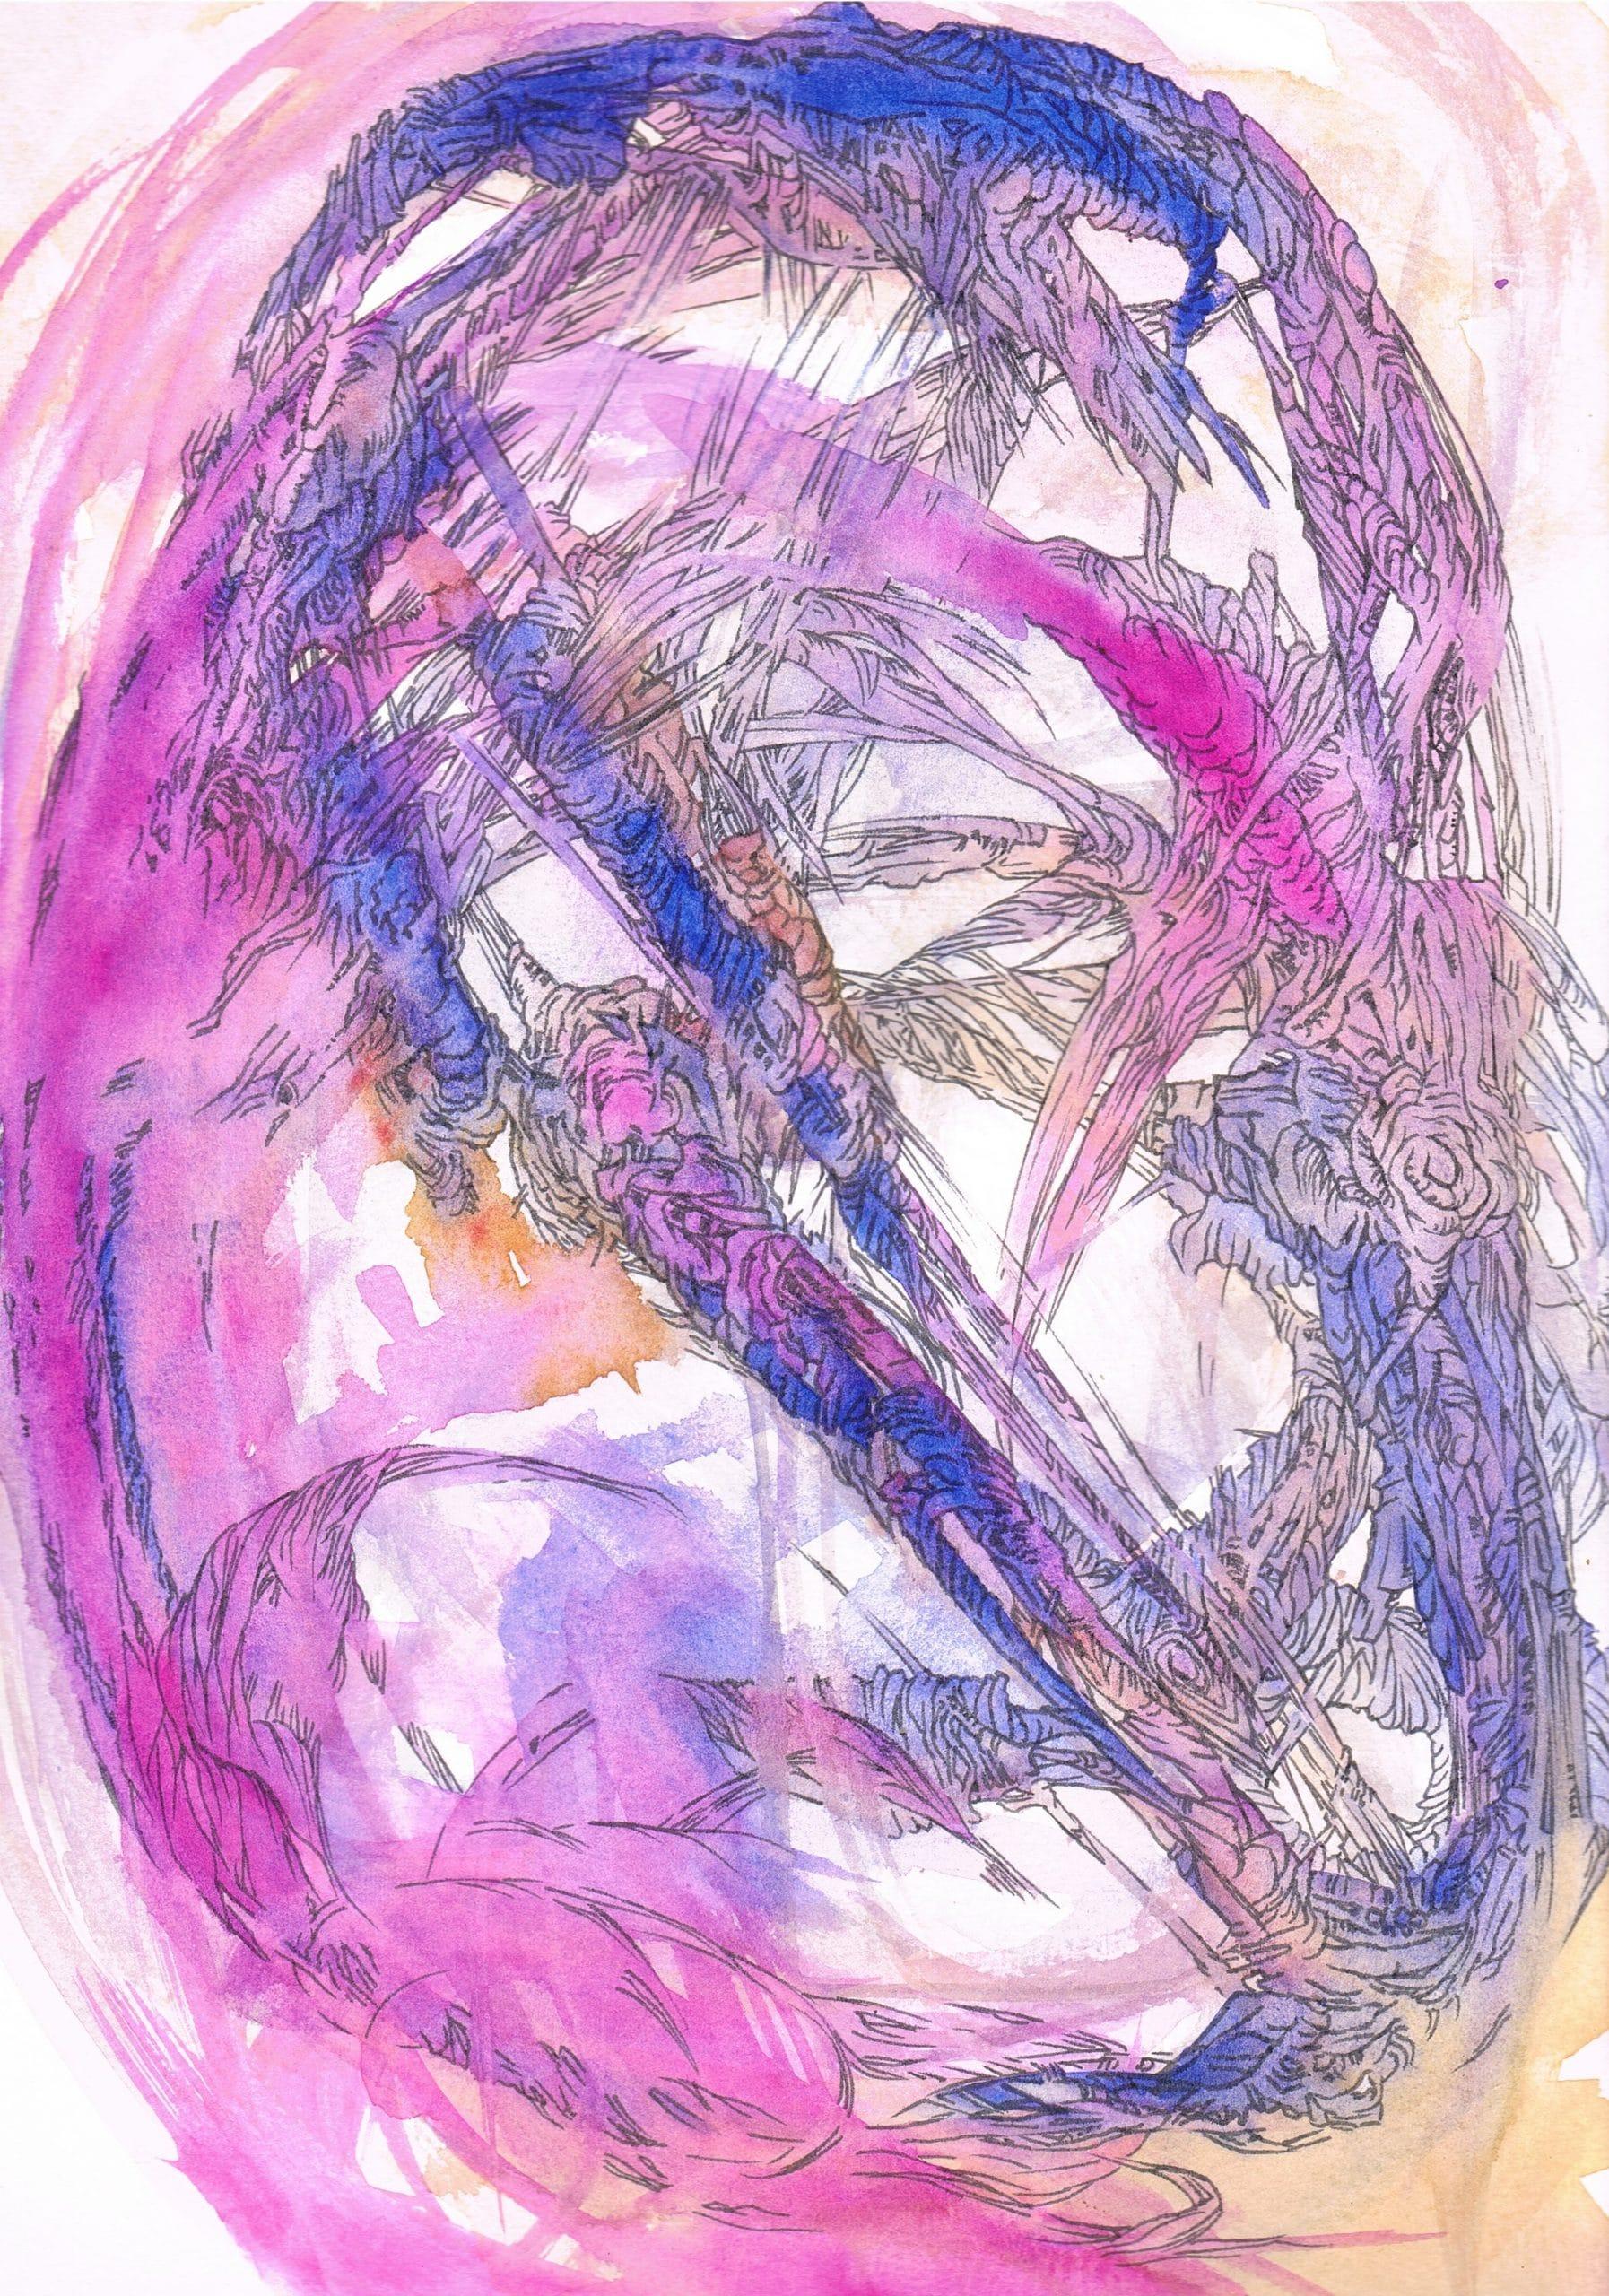 Excession univers alt- inspirée par le livre de Iain M. Banks Marie-Catherine Arrighi dessin contemporain français corse aquarelle